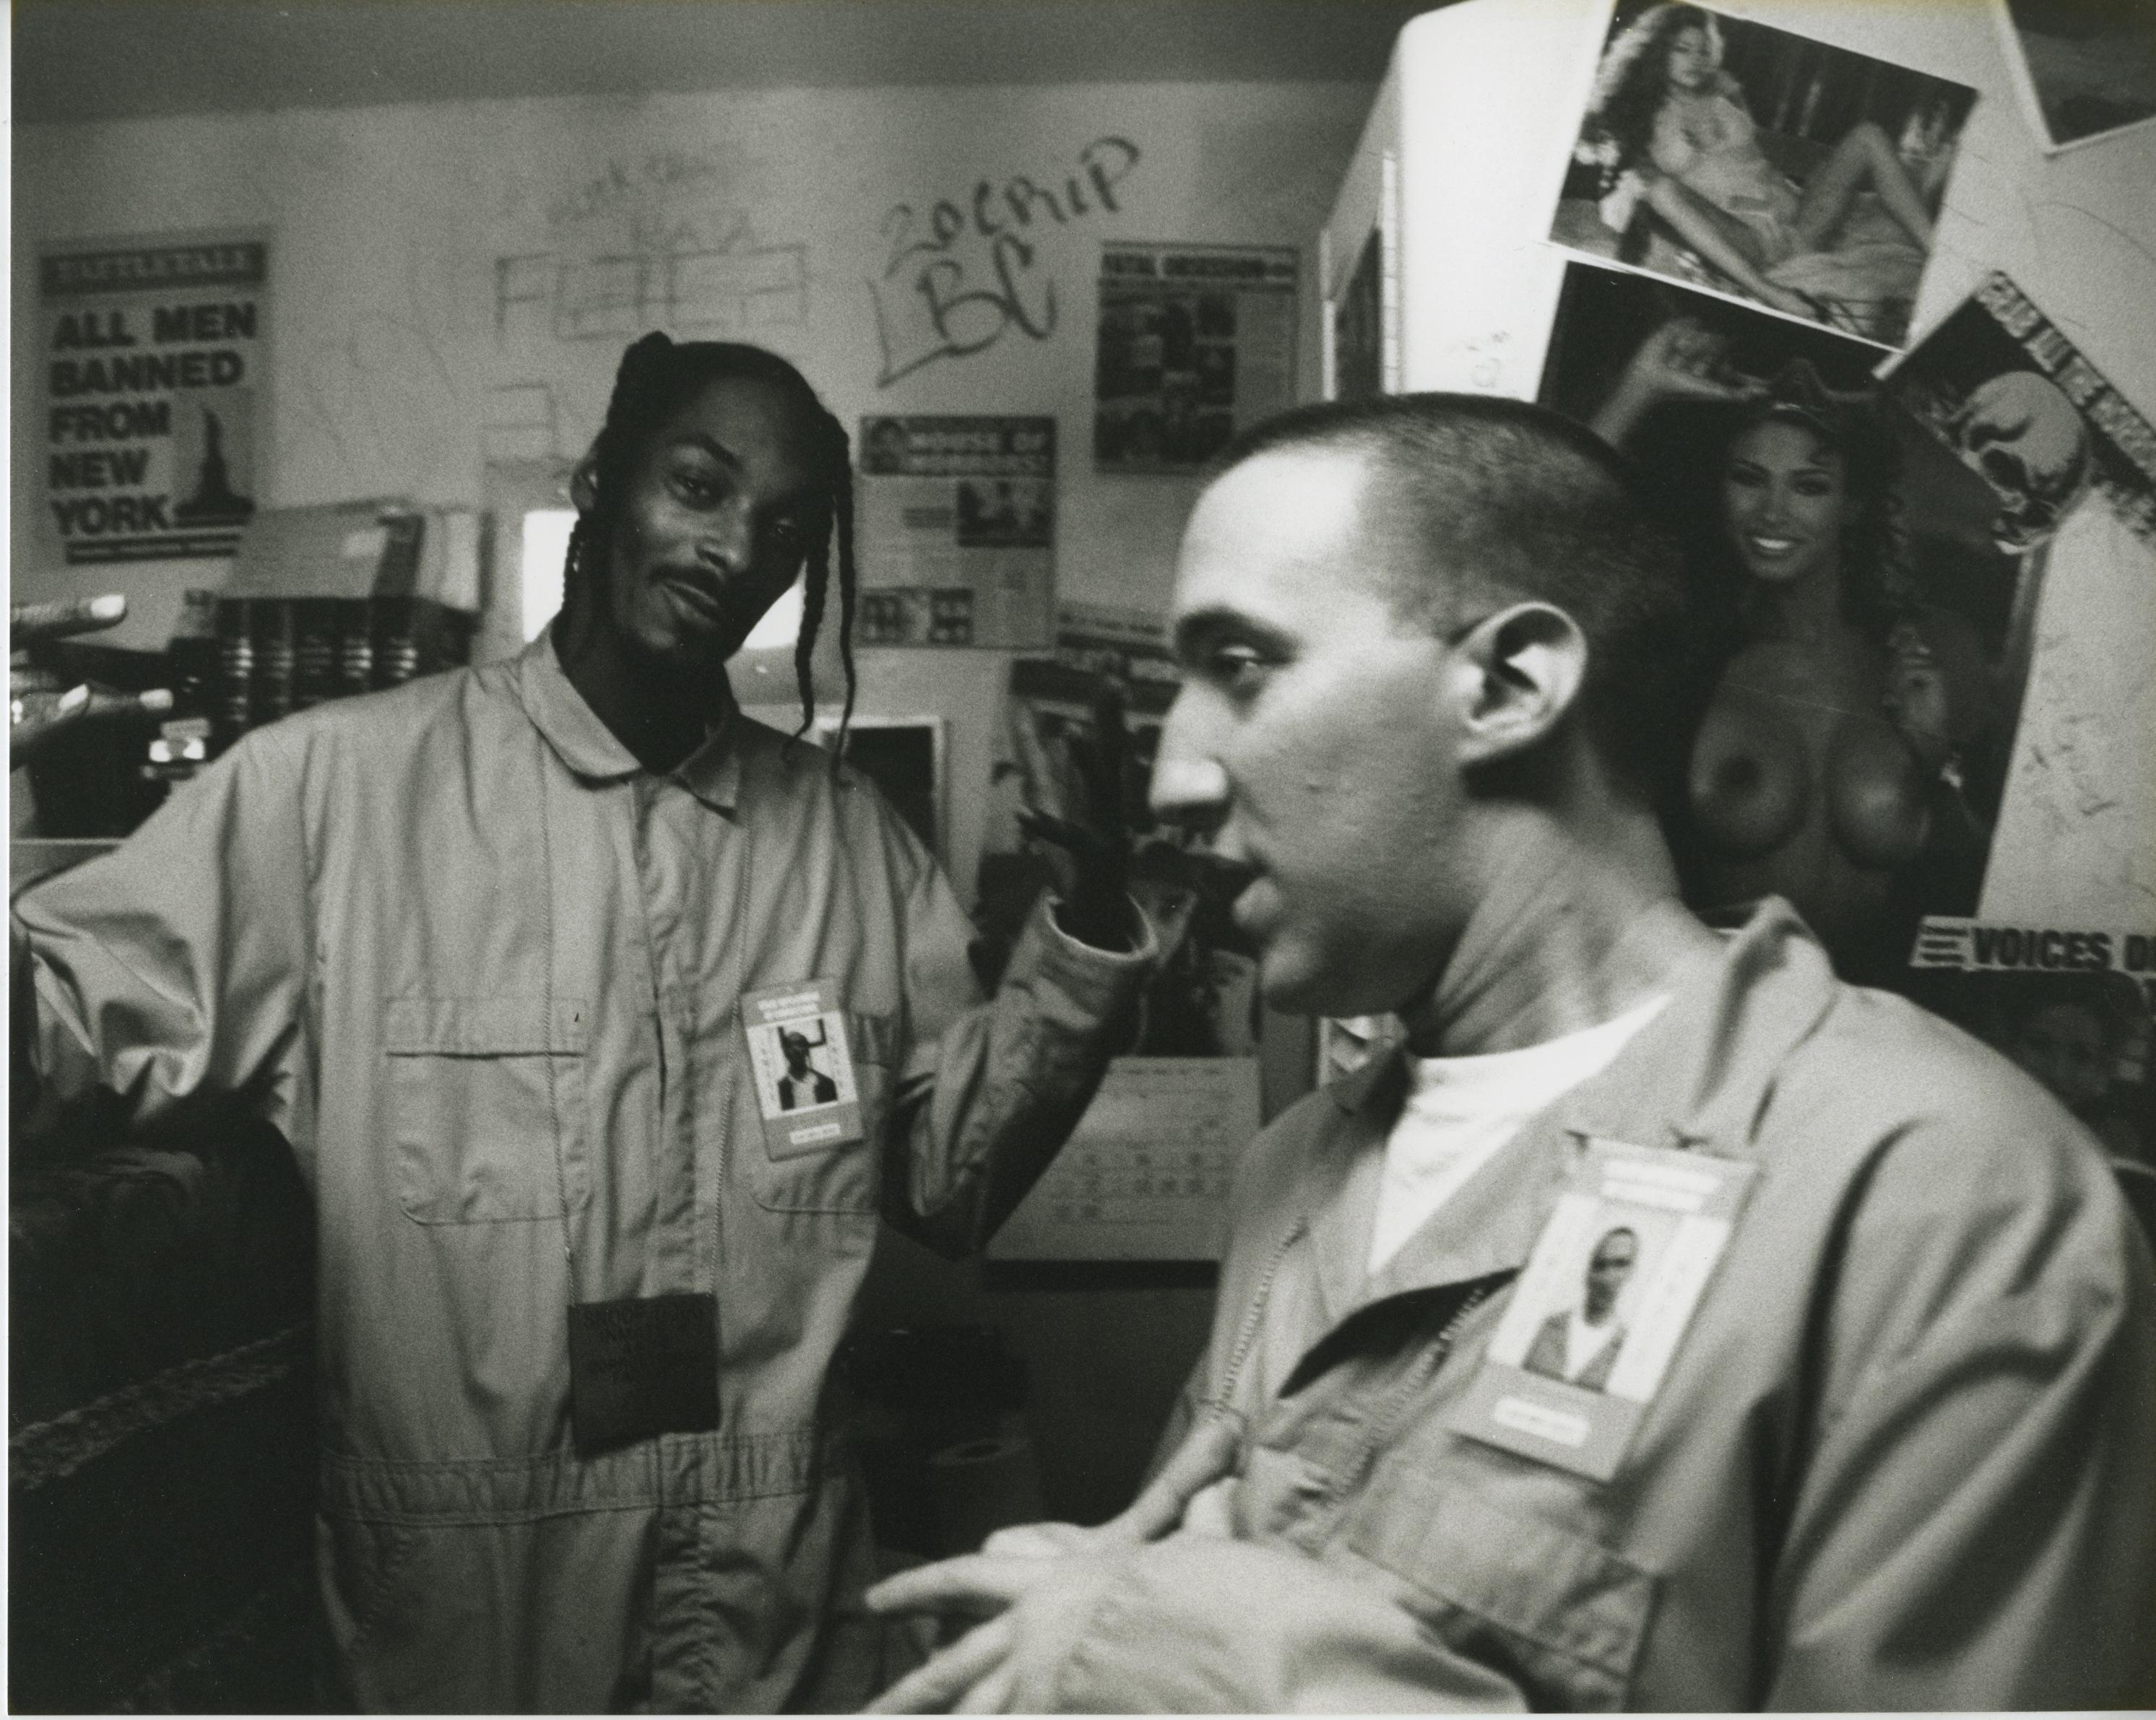 Danny&Snoop